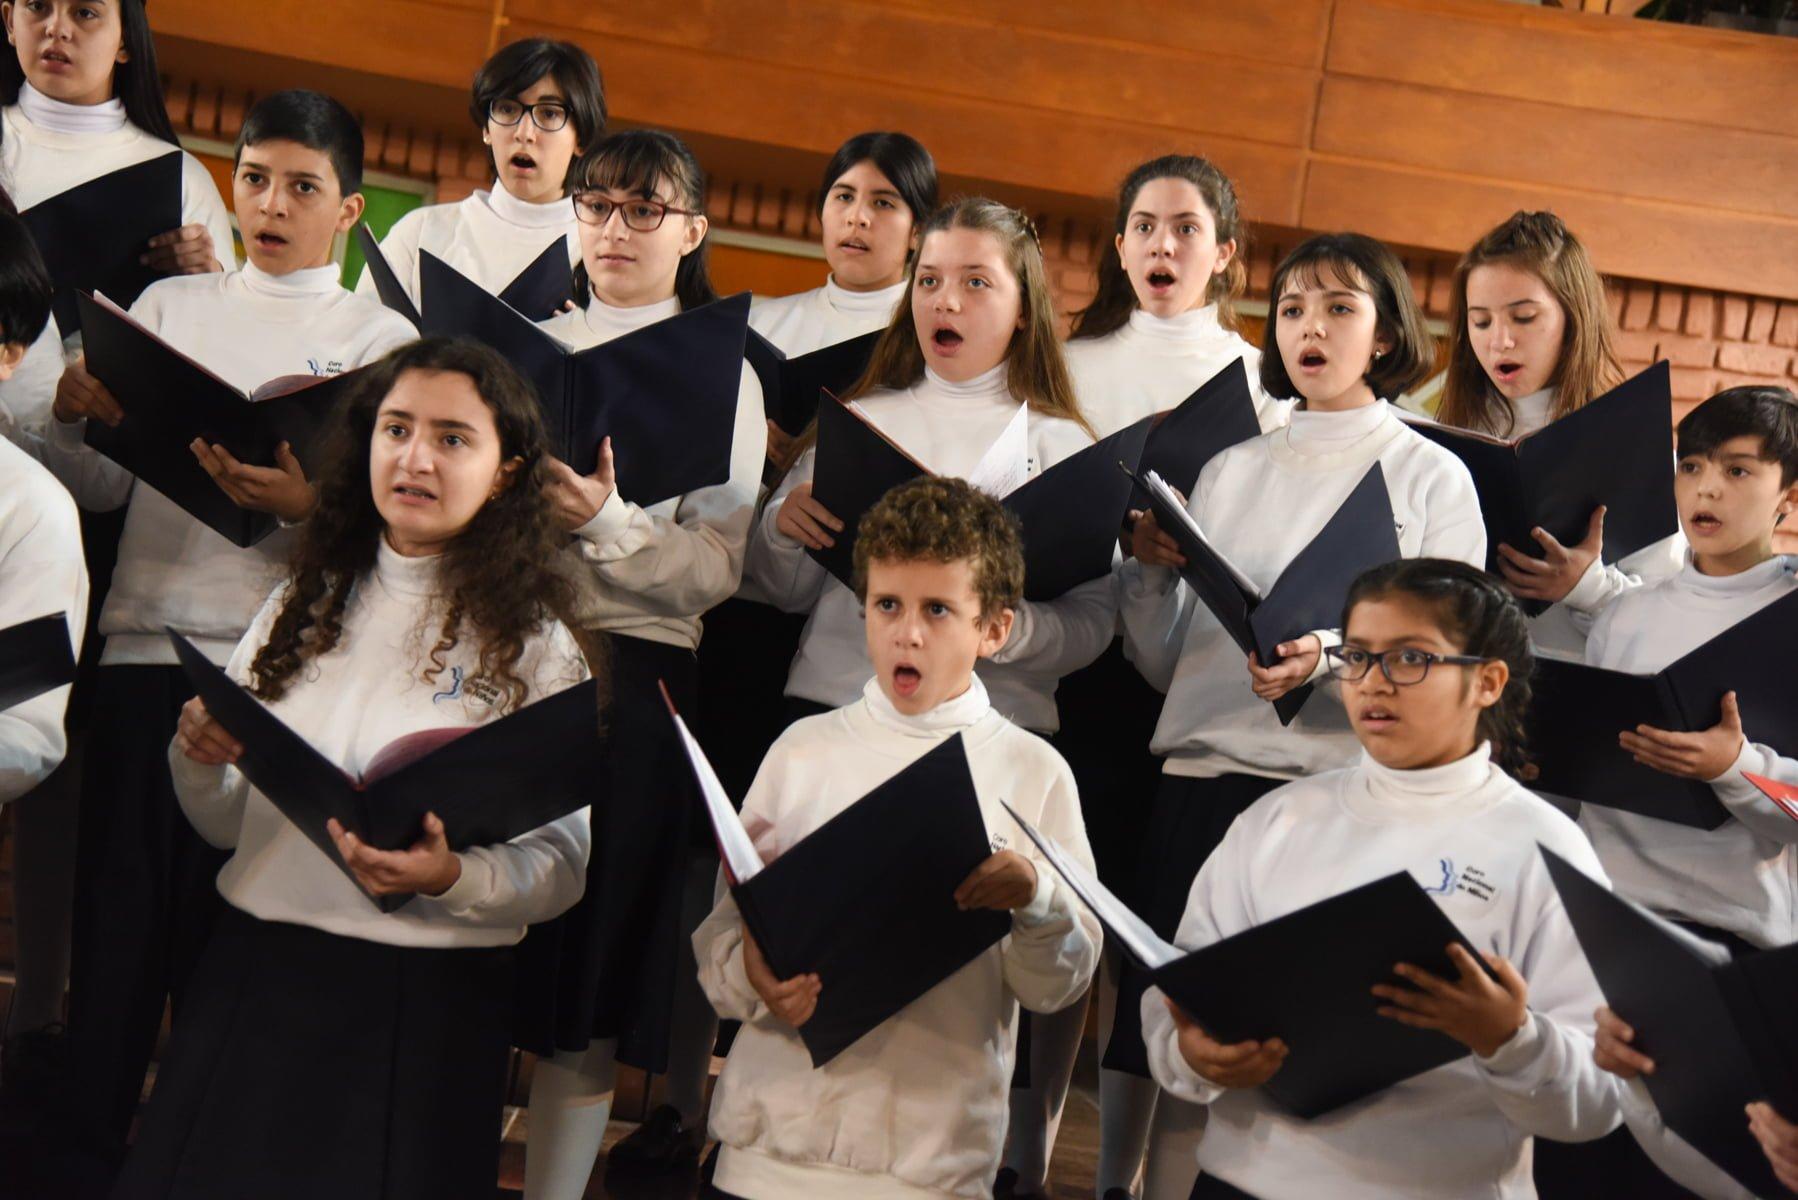 Coro Nacional de Niños.- Mes de Diciembre : Conciertos libres y gratuitos para disfrutar «en la víspera de la Navidad»